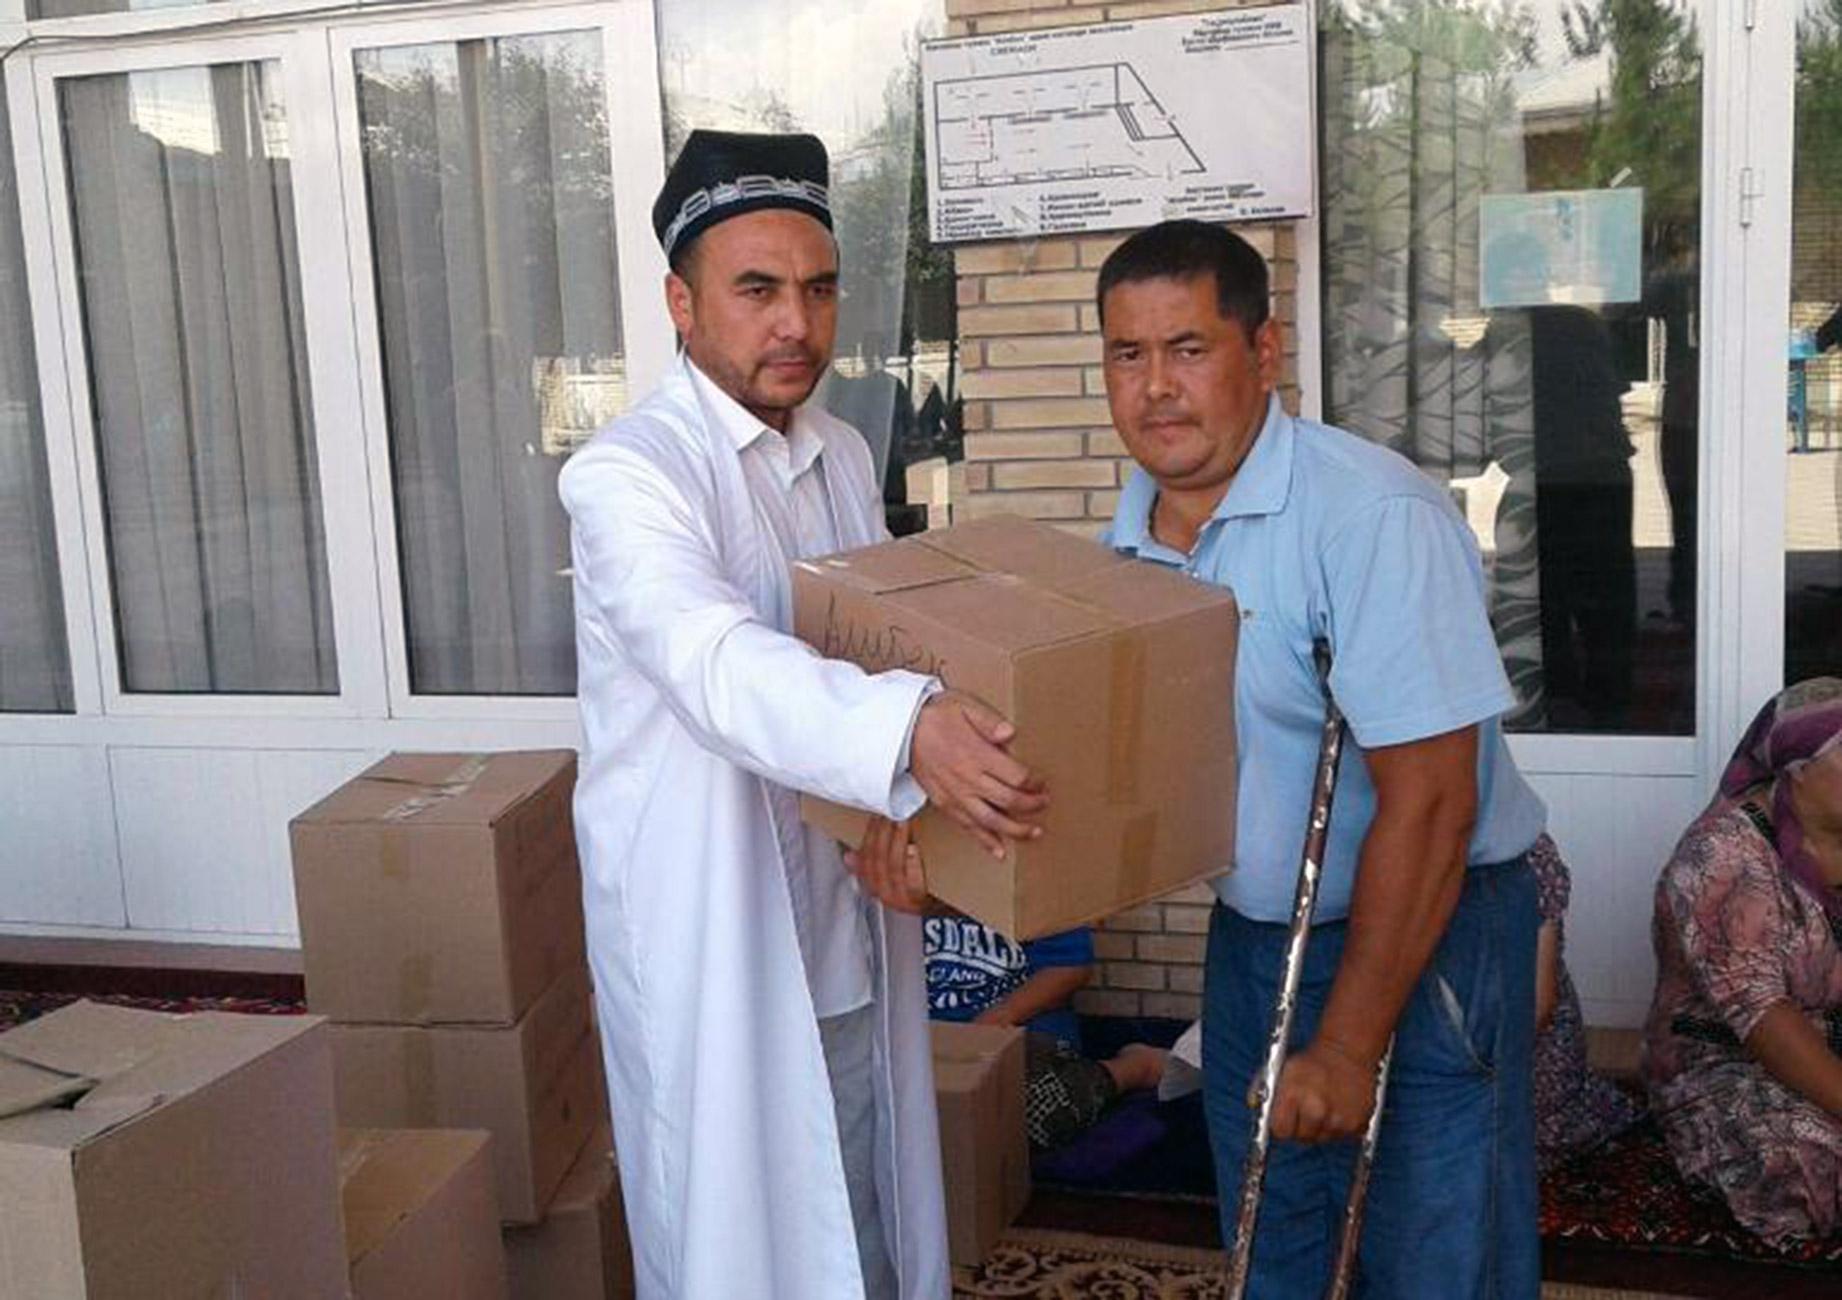 Священный месяц Рамадан в Узбекистане отмечается добрыми делами и терпимостью